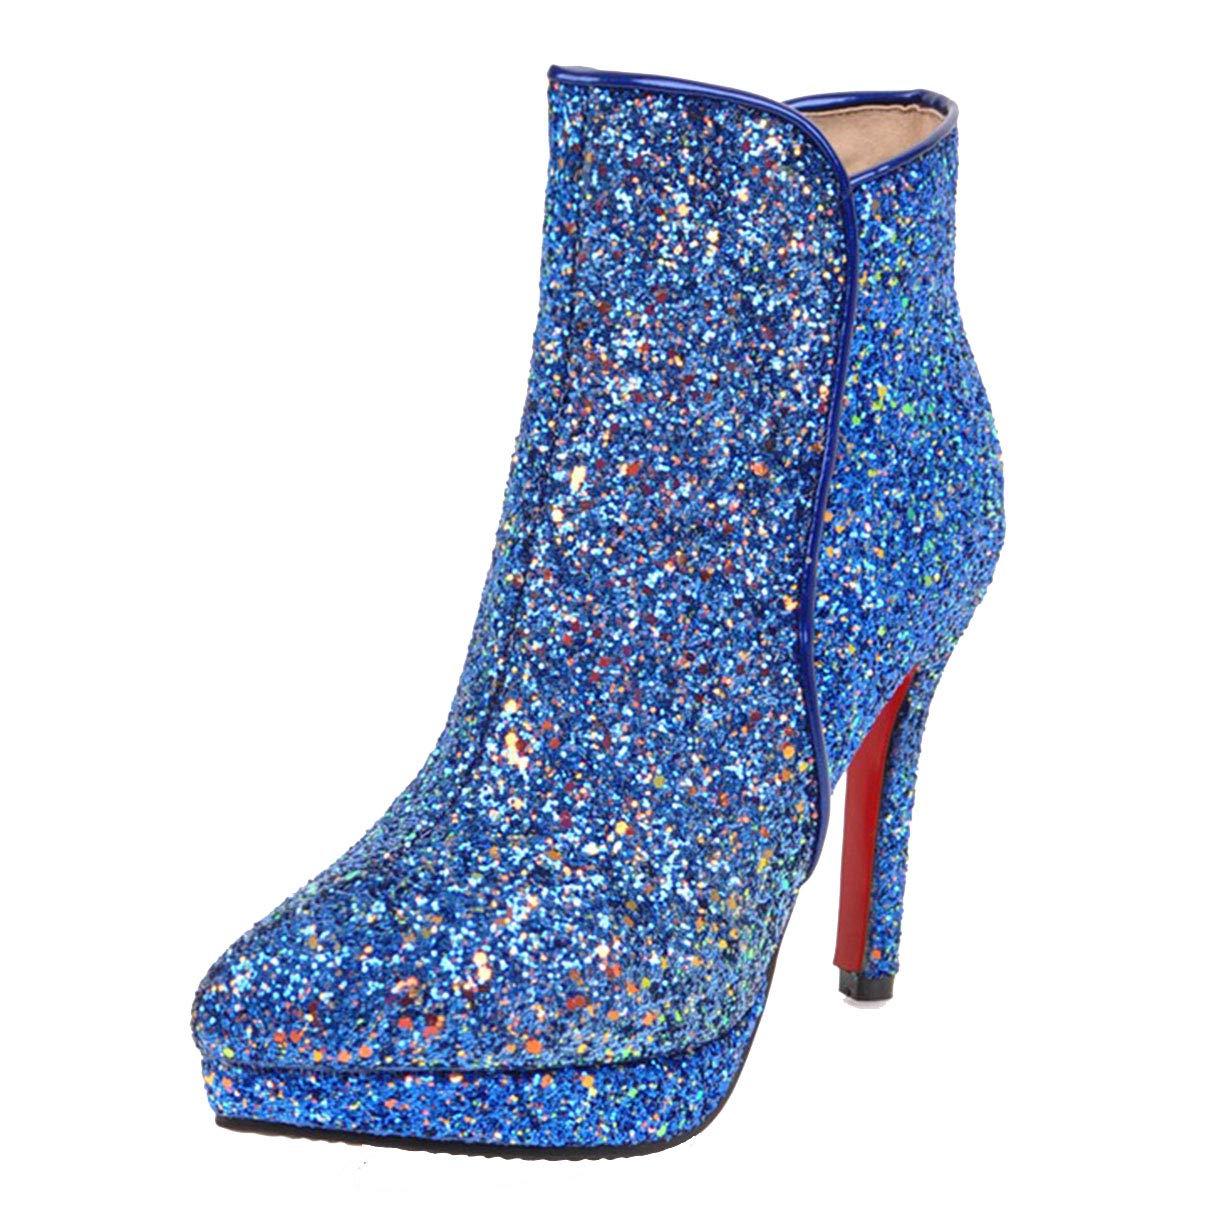 JYshoes , Classiques Bottes B077ZDQ55K Classiques Femme , Bleu d5b2055 - jessicalock.space